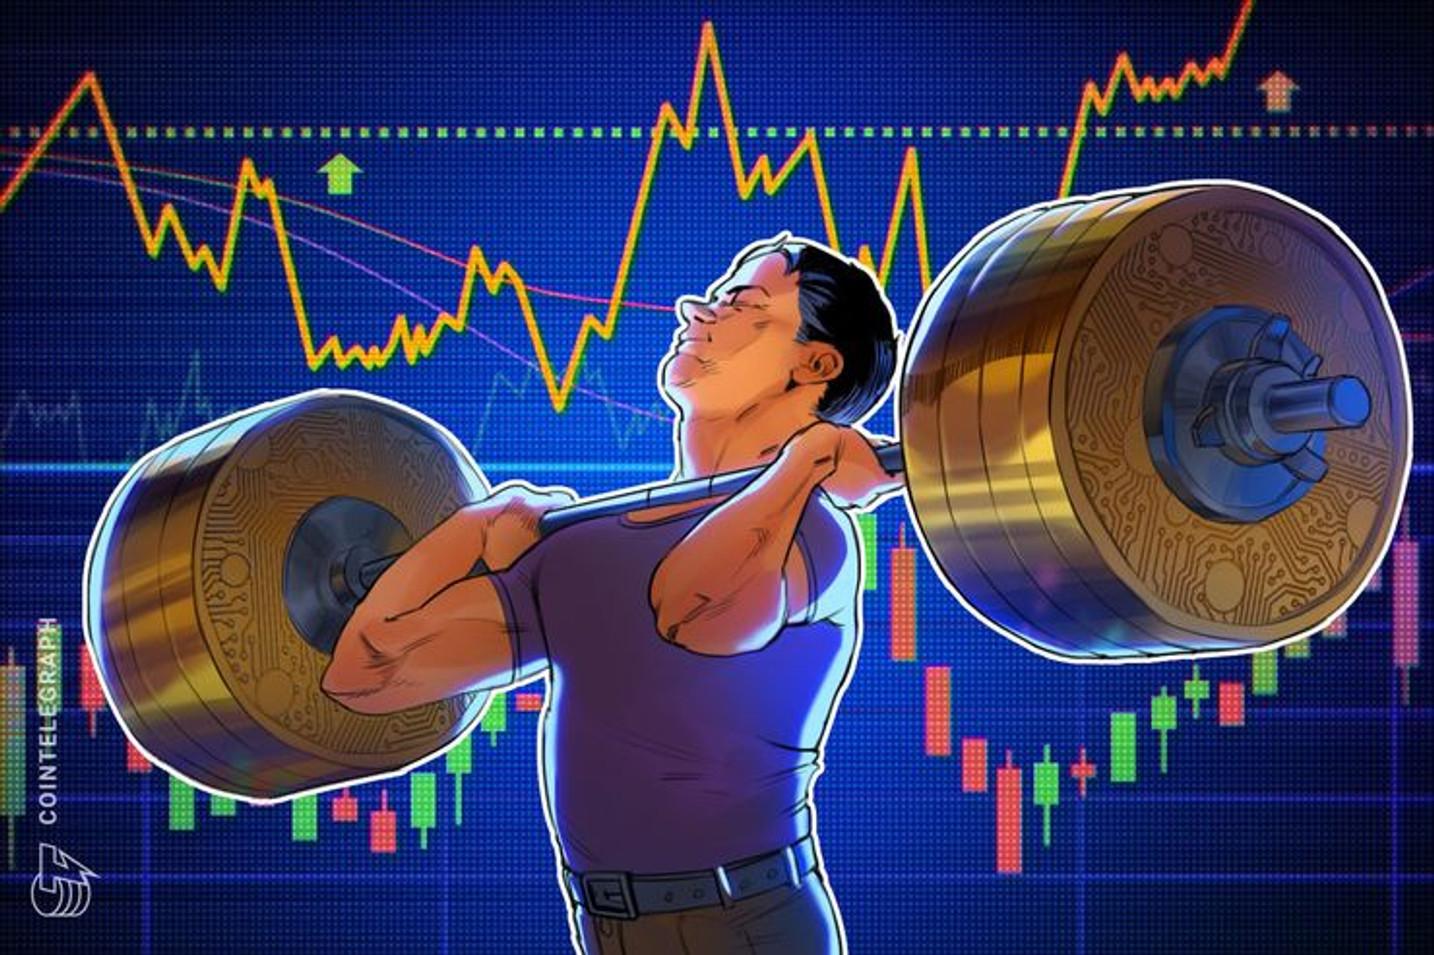 パウエル・プットによる株式市場のリスクオンムードが仮想通貨市場にも波及か ビットコイン相場市況(11月29日)